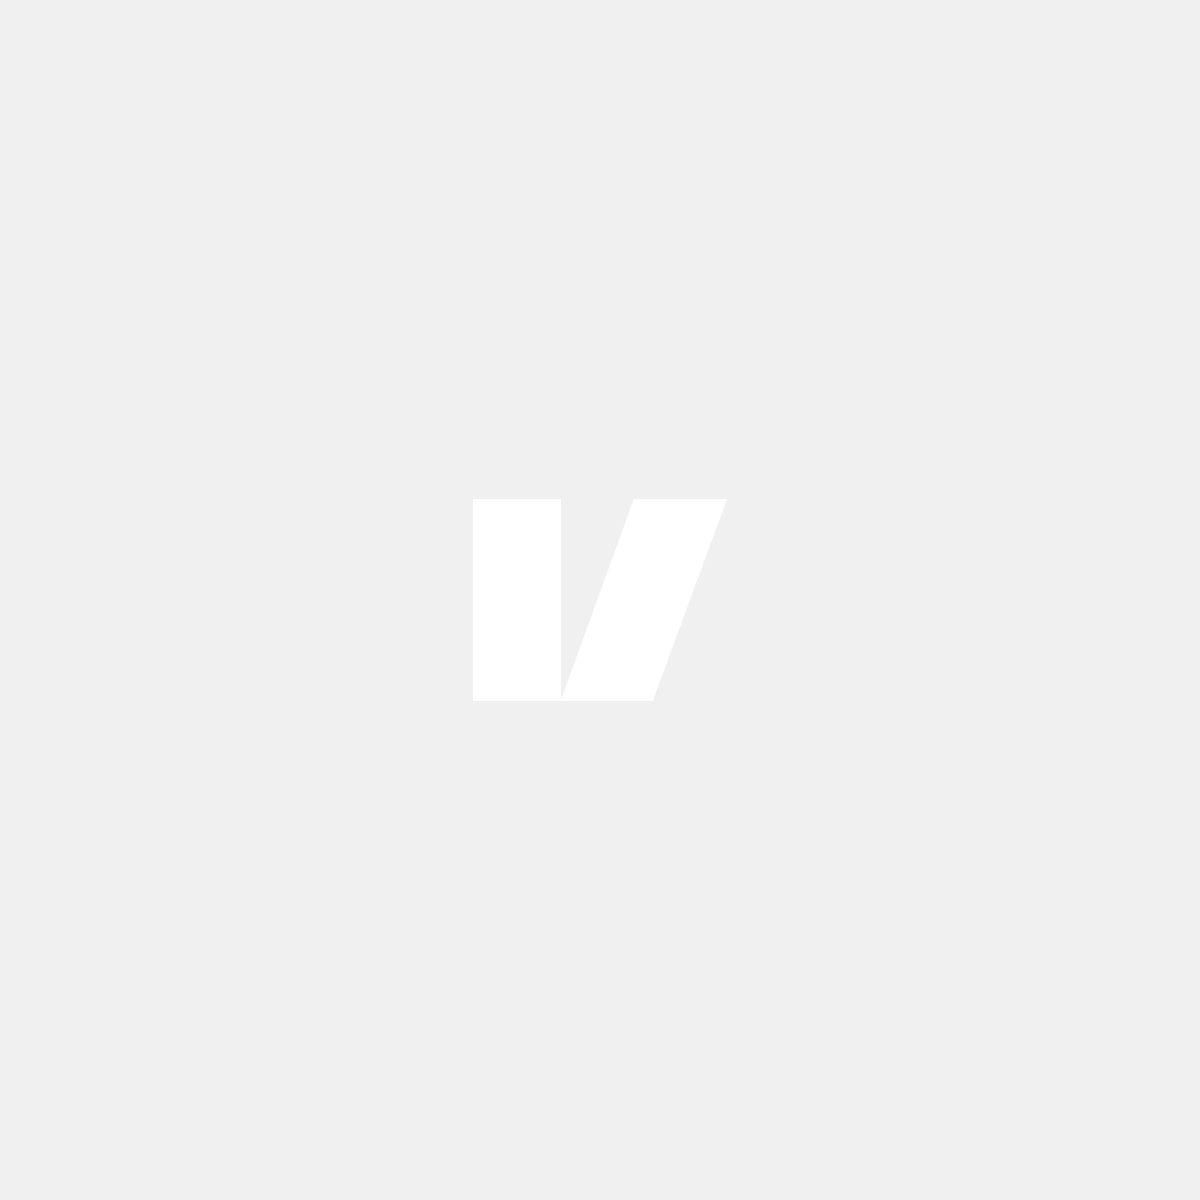 Torkararm med blad bakruta till Volvo XC60 09-